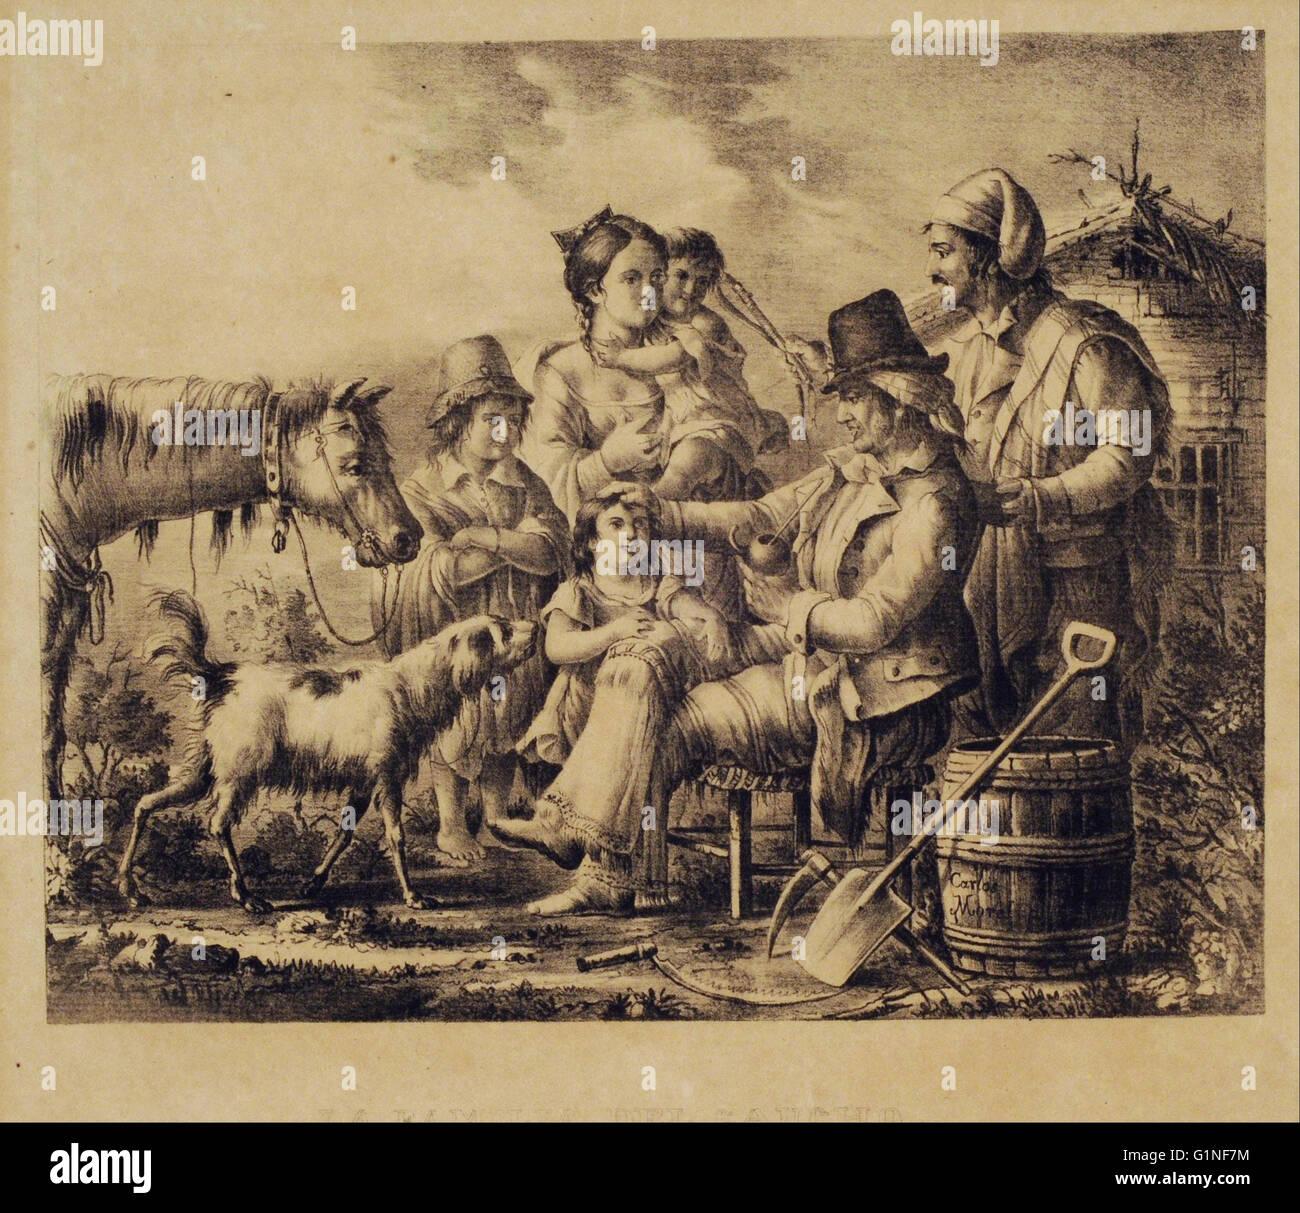 Grabado- Gregorio Ibarra - La familia del gaucho - Serie Grande   - Museo Nacional de Bellas Artes de Buenos Aires - Stock Image